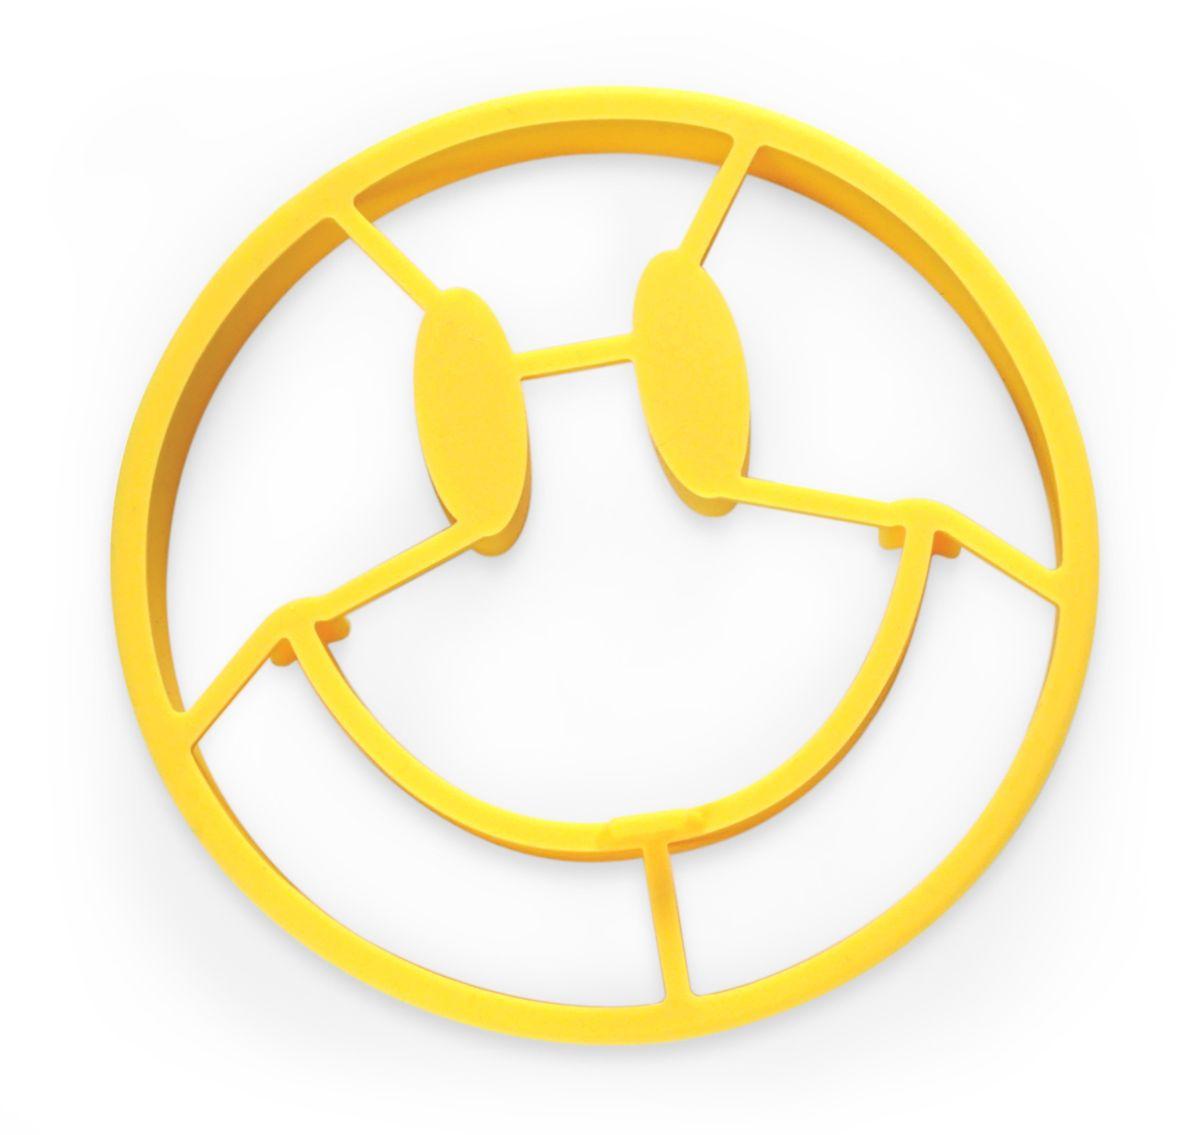 Форма для яичницы Fred, цвет: желтый5130364Омлет в форме того самого, запатентованного оригинального смайла? Легко! Силиконовая термостойкая форма поможет. Поместите ее в горячую сковороду, влейте омлет, и готово.